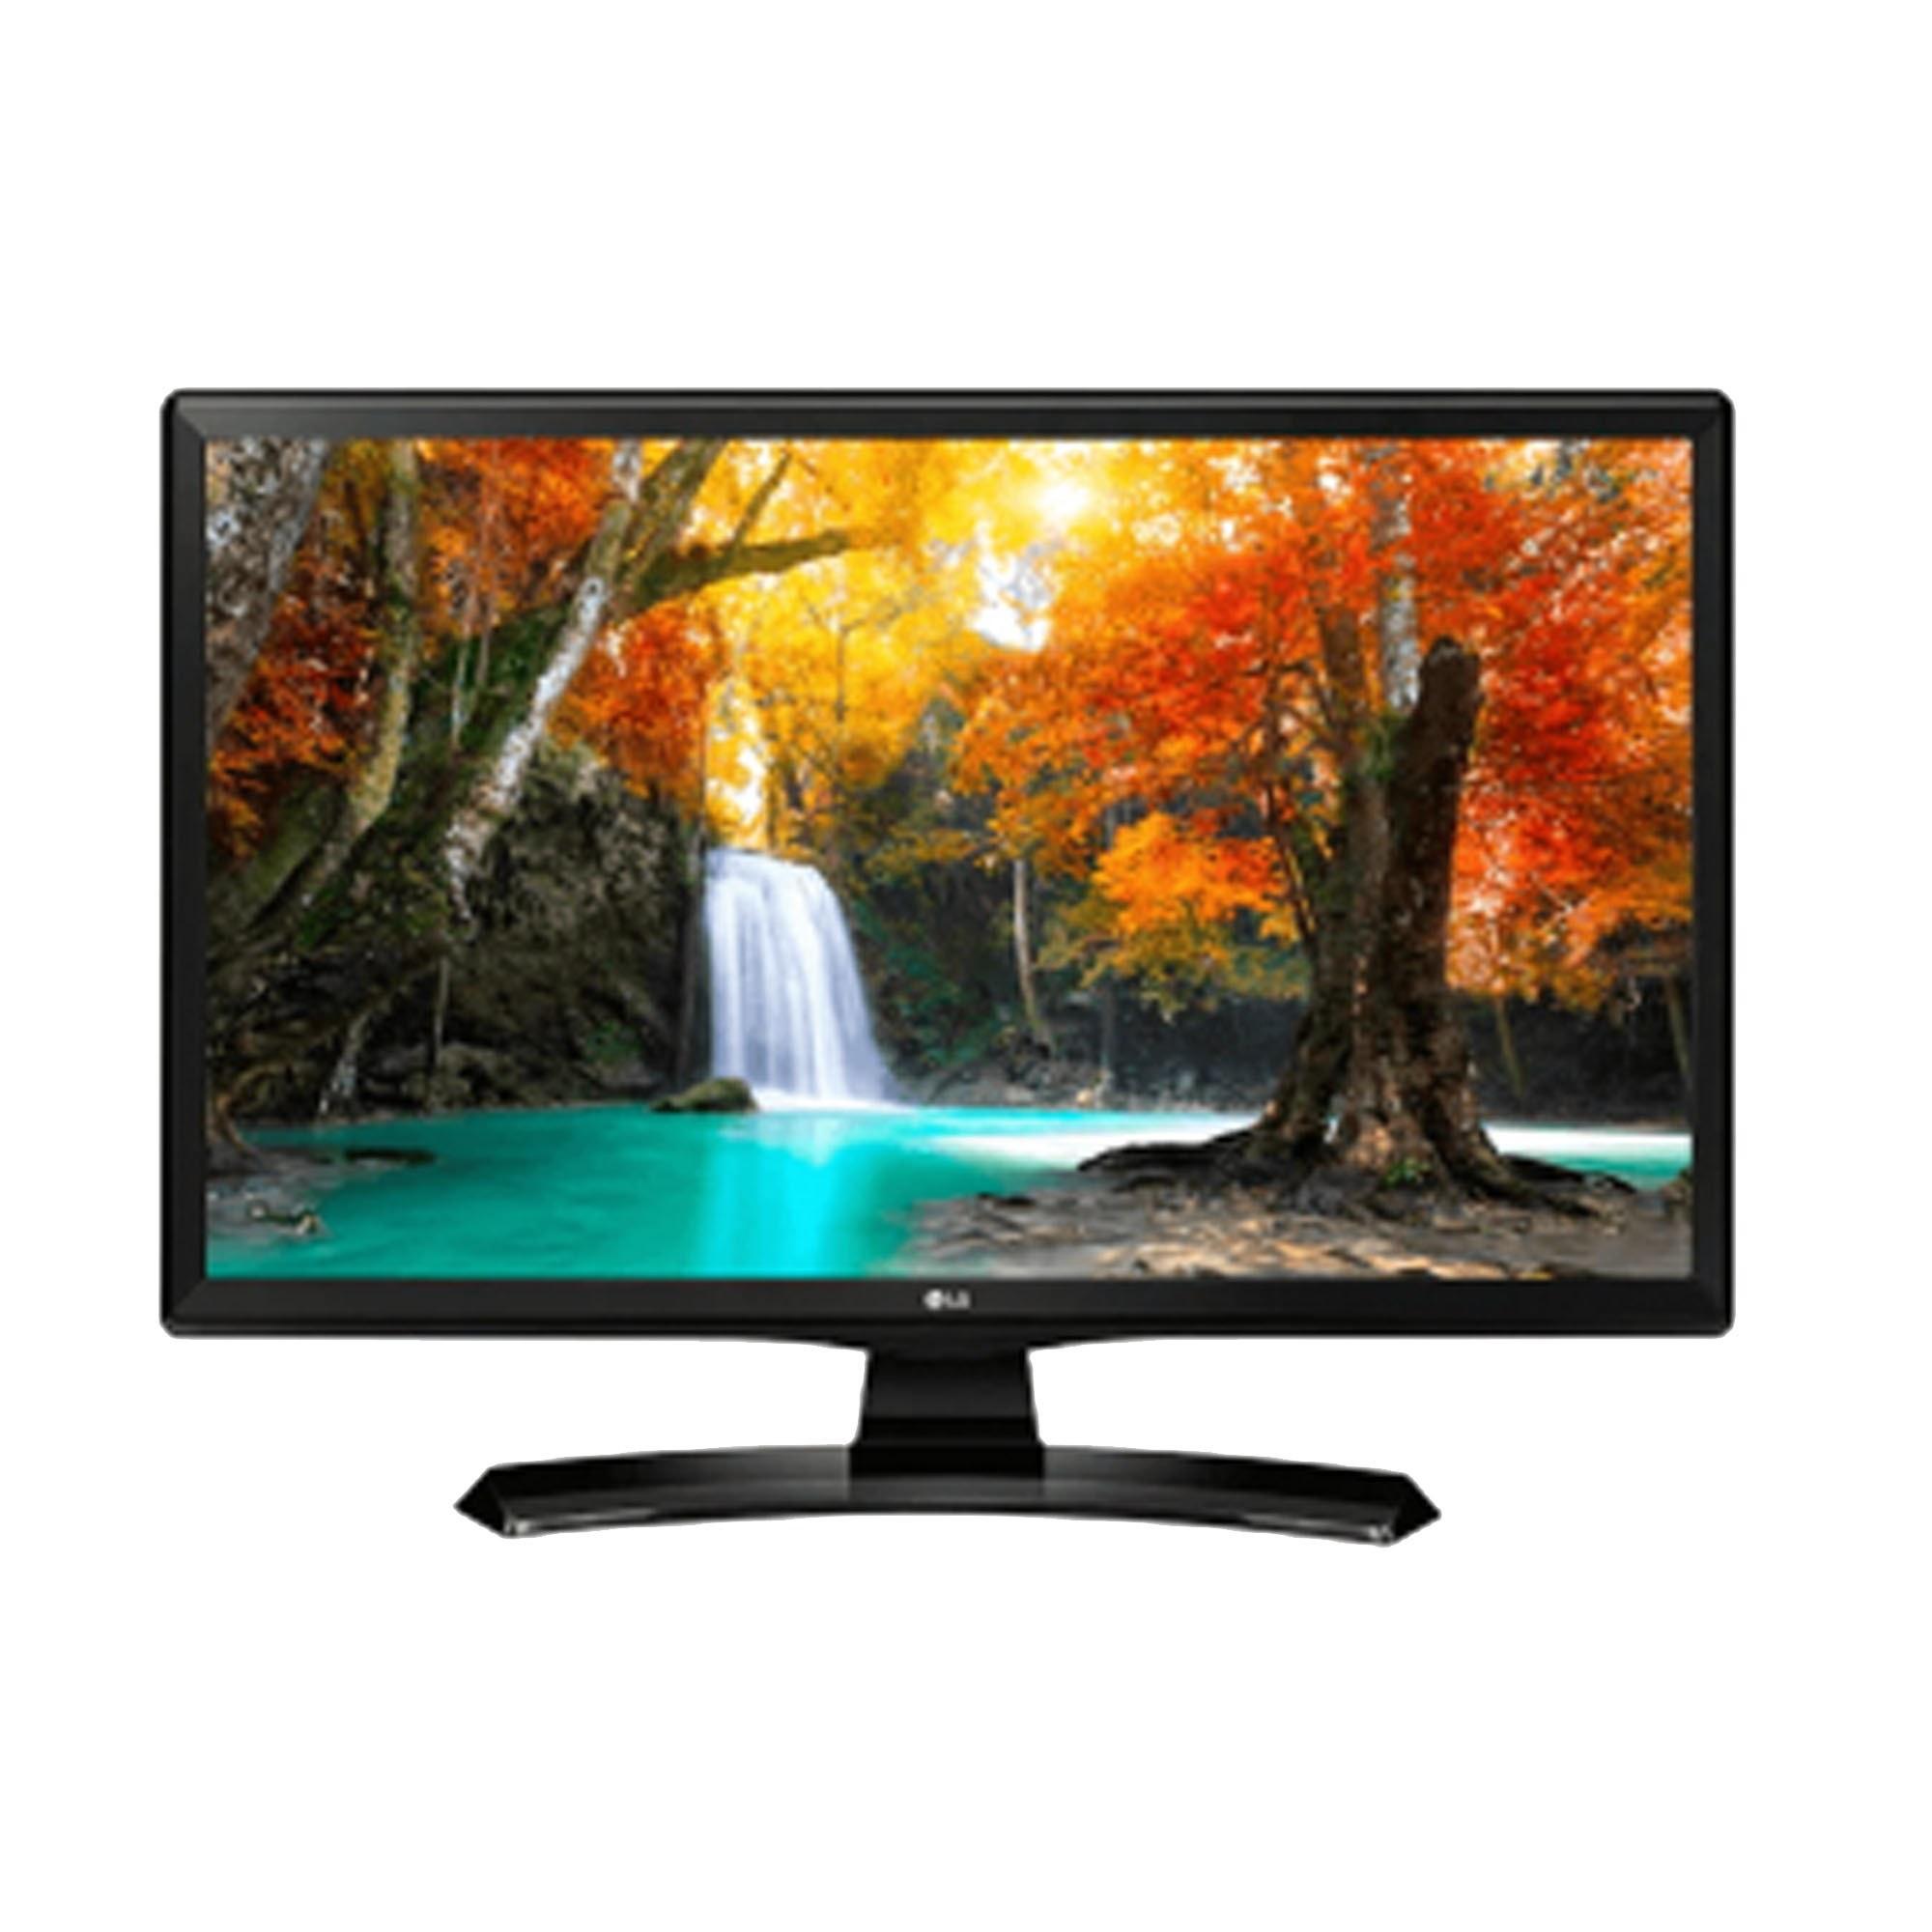 تصویر مانیتور LG مدل 28TK410V سایز 28 اینچ ا LG 28TK410V computer monitor LG 28TK410V computer monitor